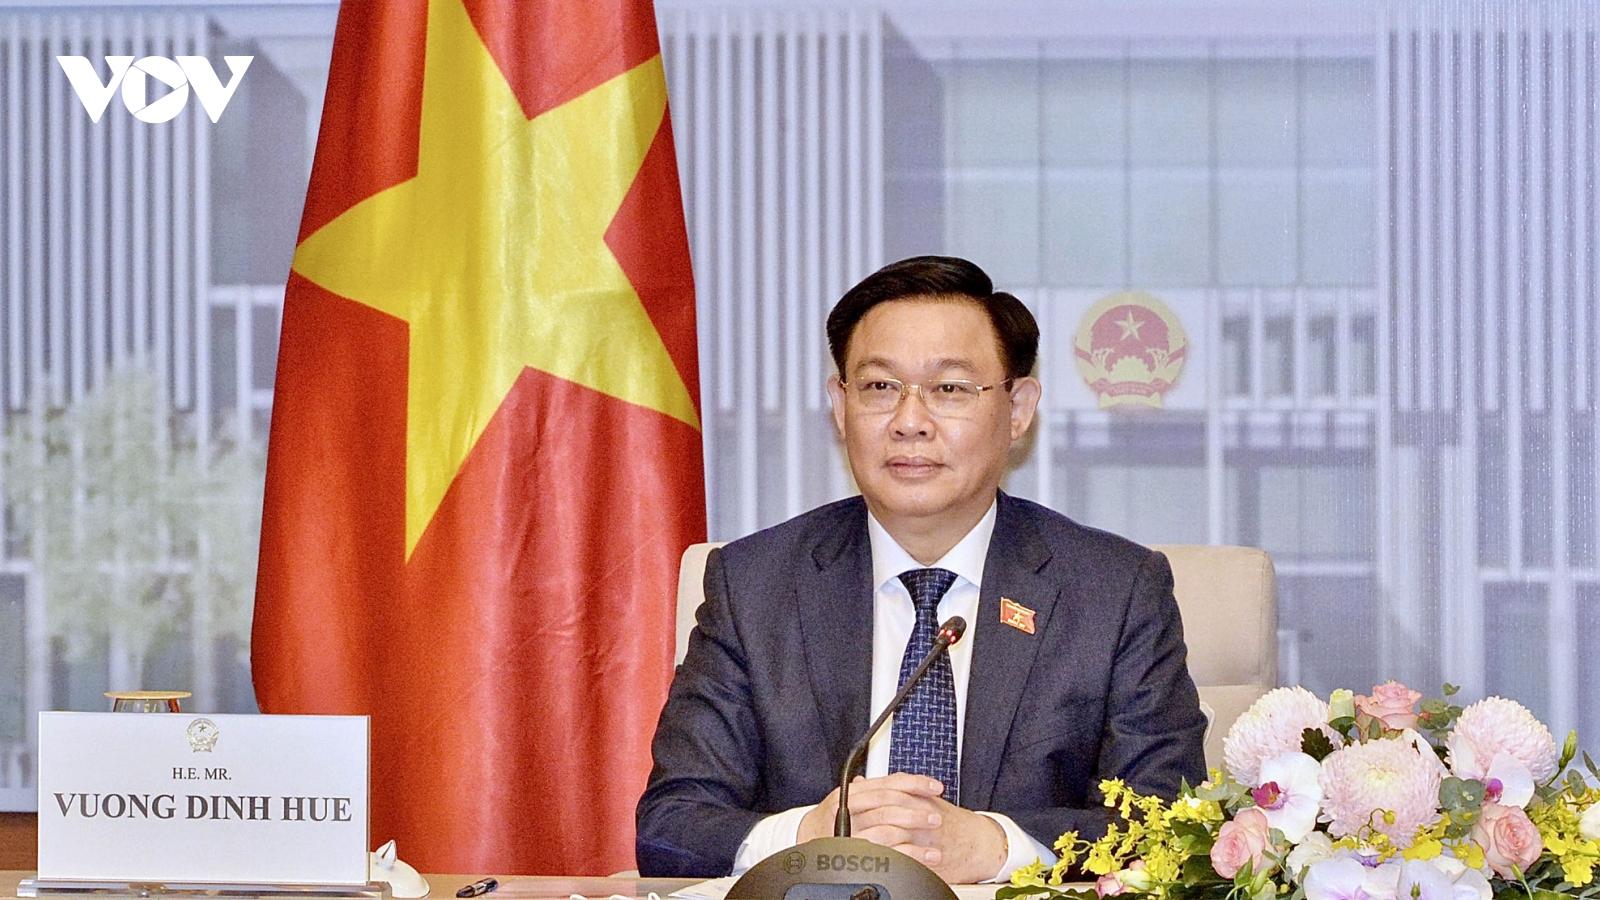 Chủ tịch Quốc hội Vương Đình Huệ hội đàm trực tuyến với Chủ tịch Nhân đại Trung Quốc